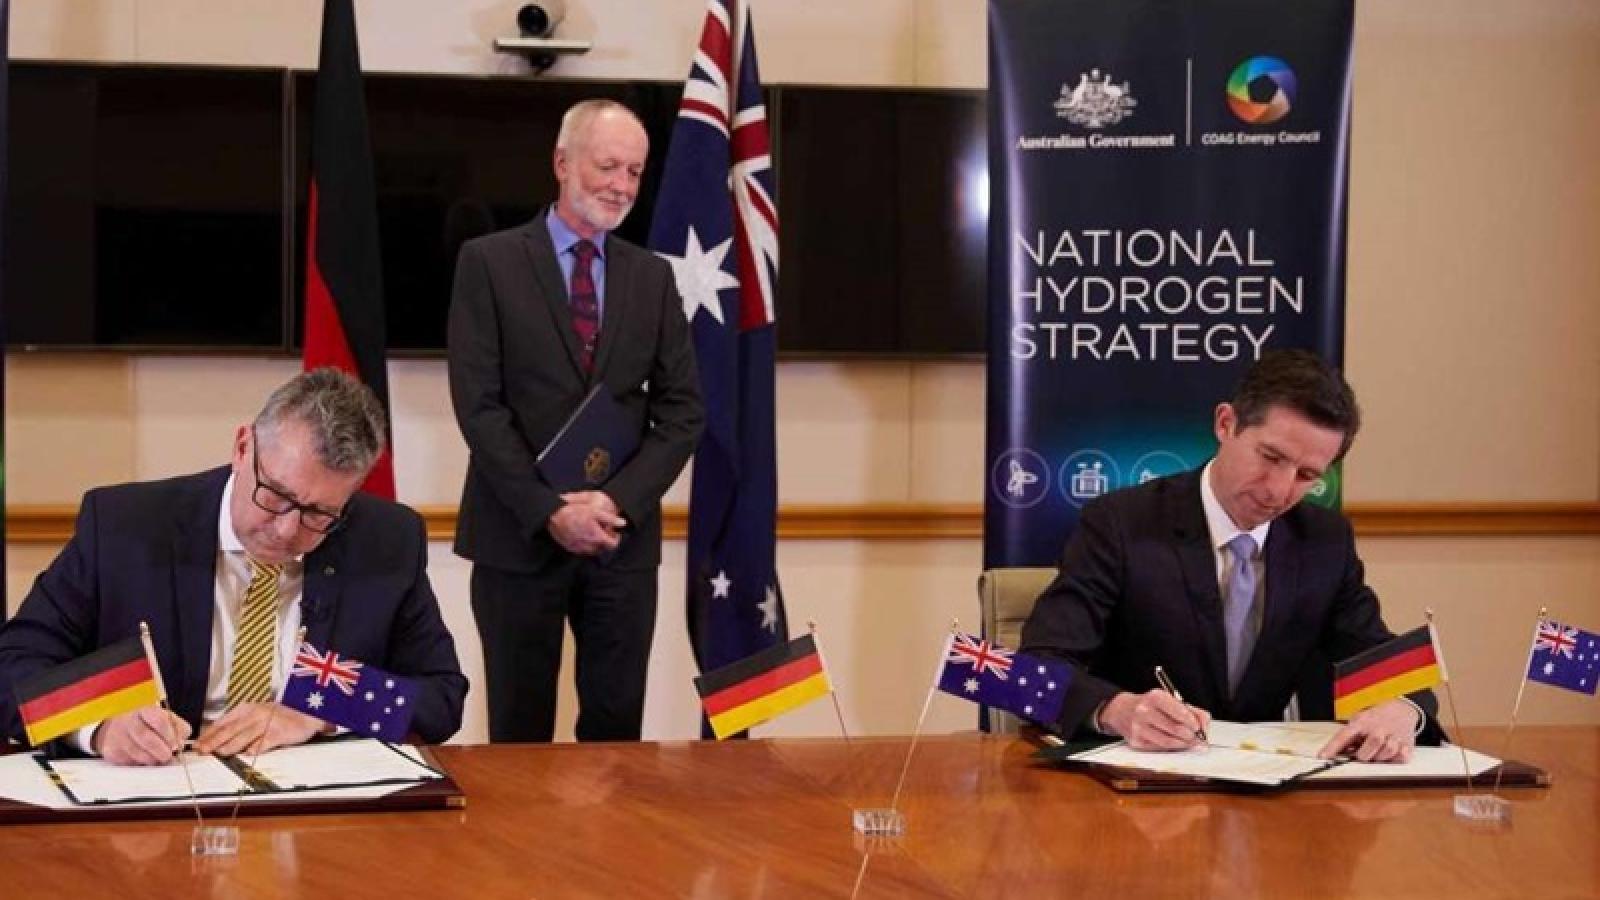 Australia và Đức nghiên cứu việc phát triển chuỗi cung ứng hydrogen